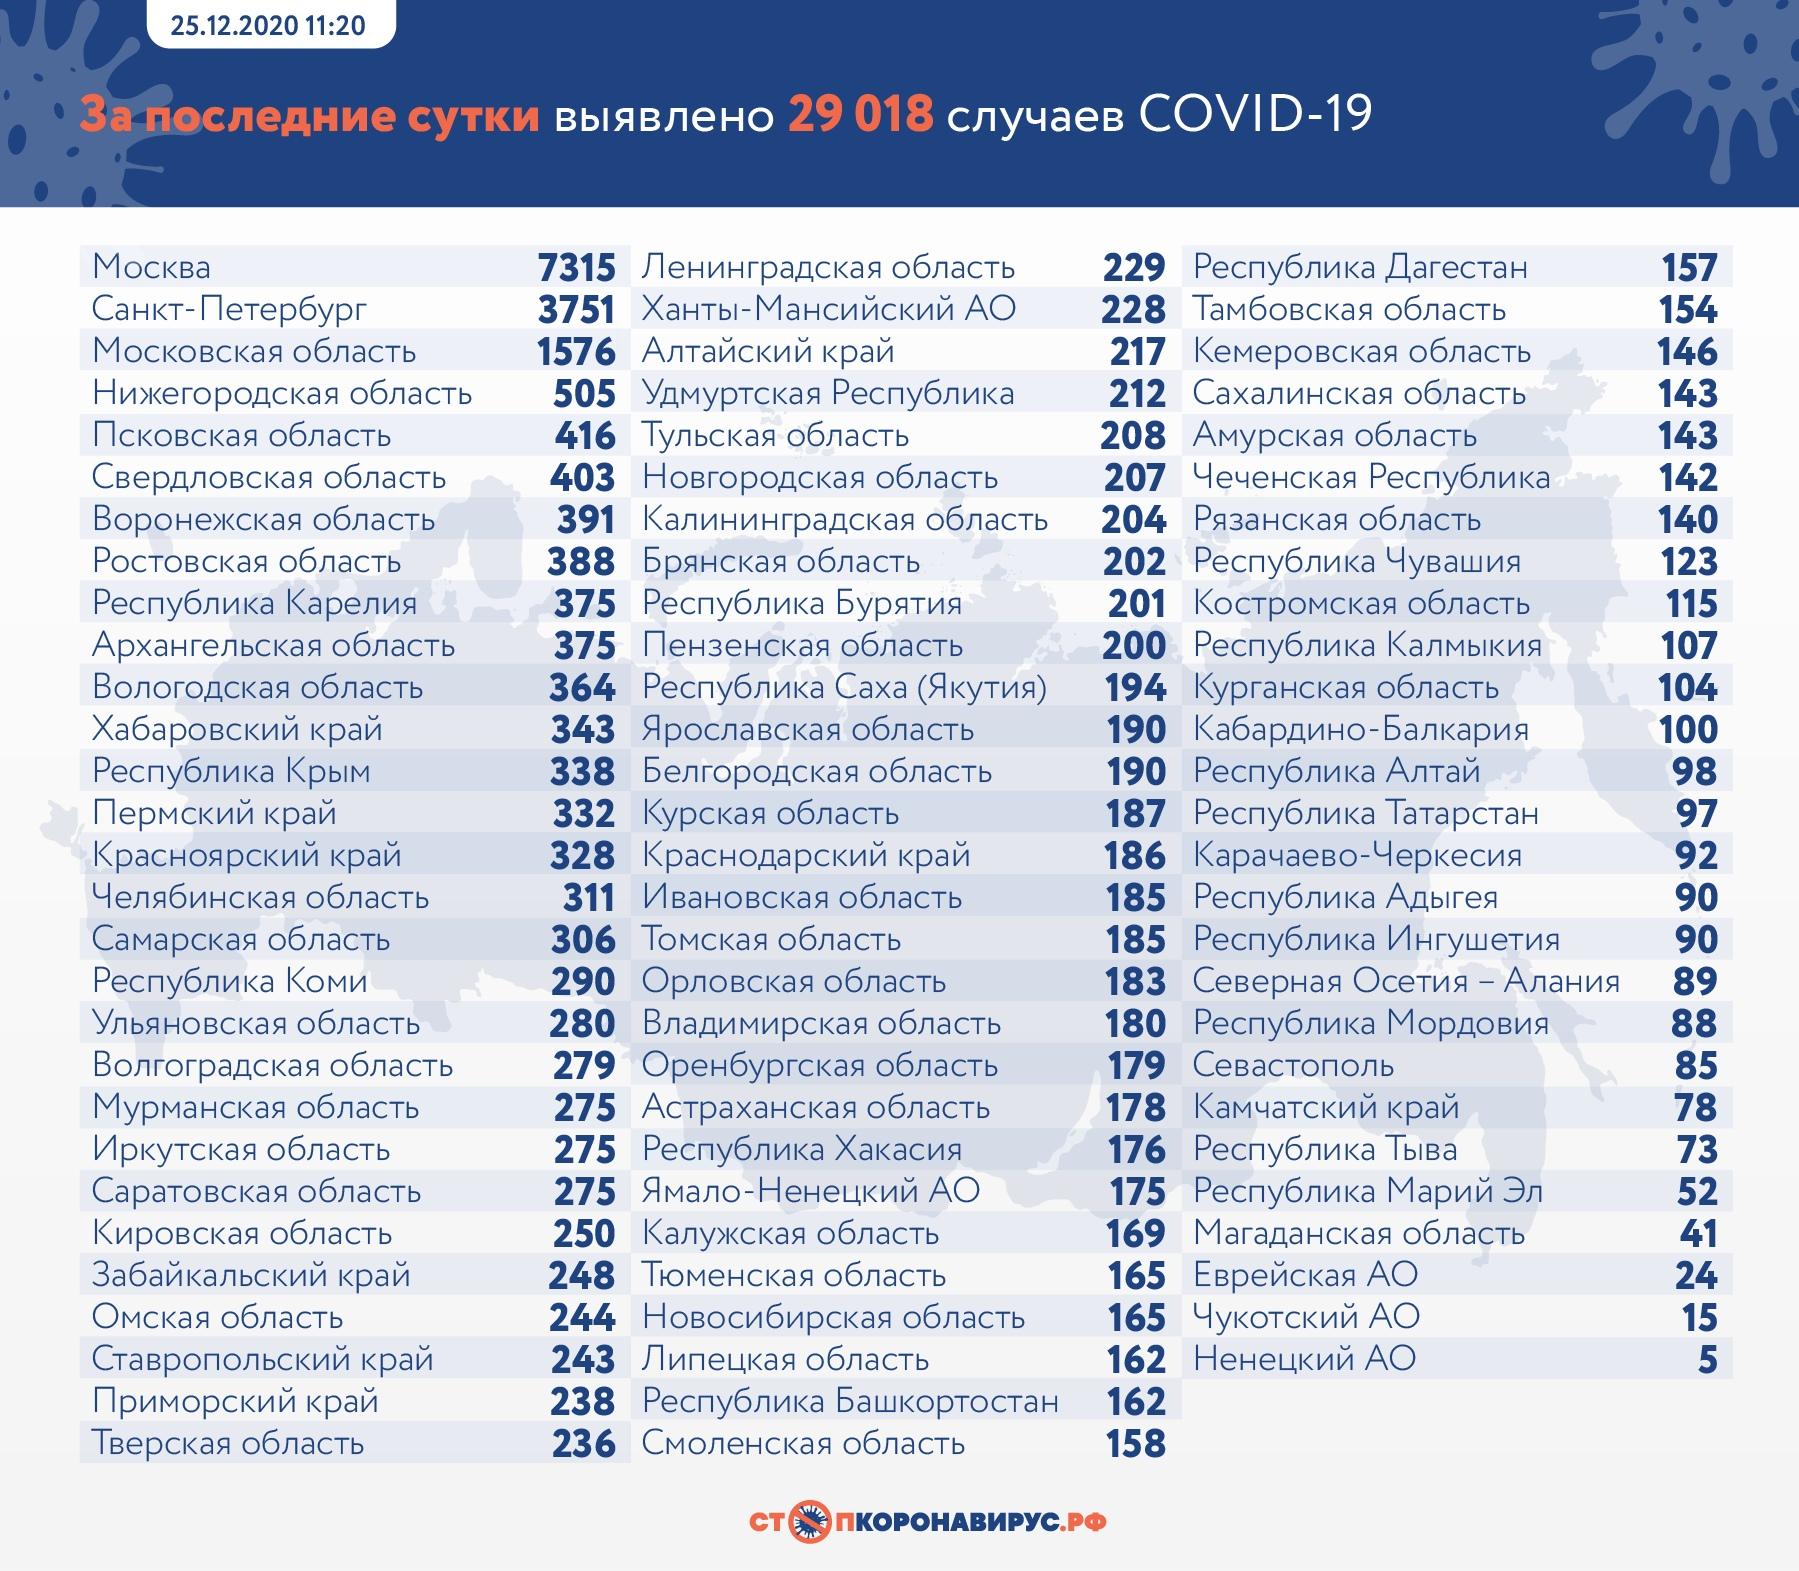 В Самарской области 5 дней подряд нет смертей из-за коронавируса